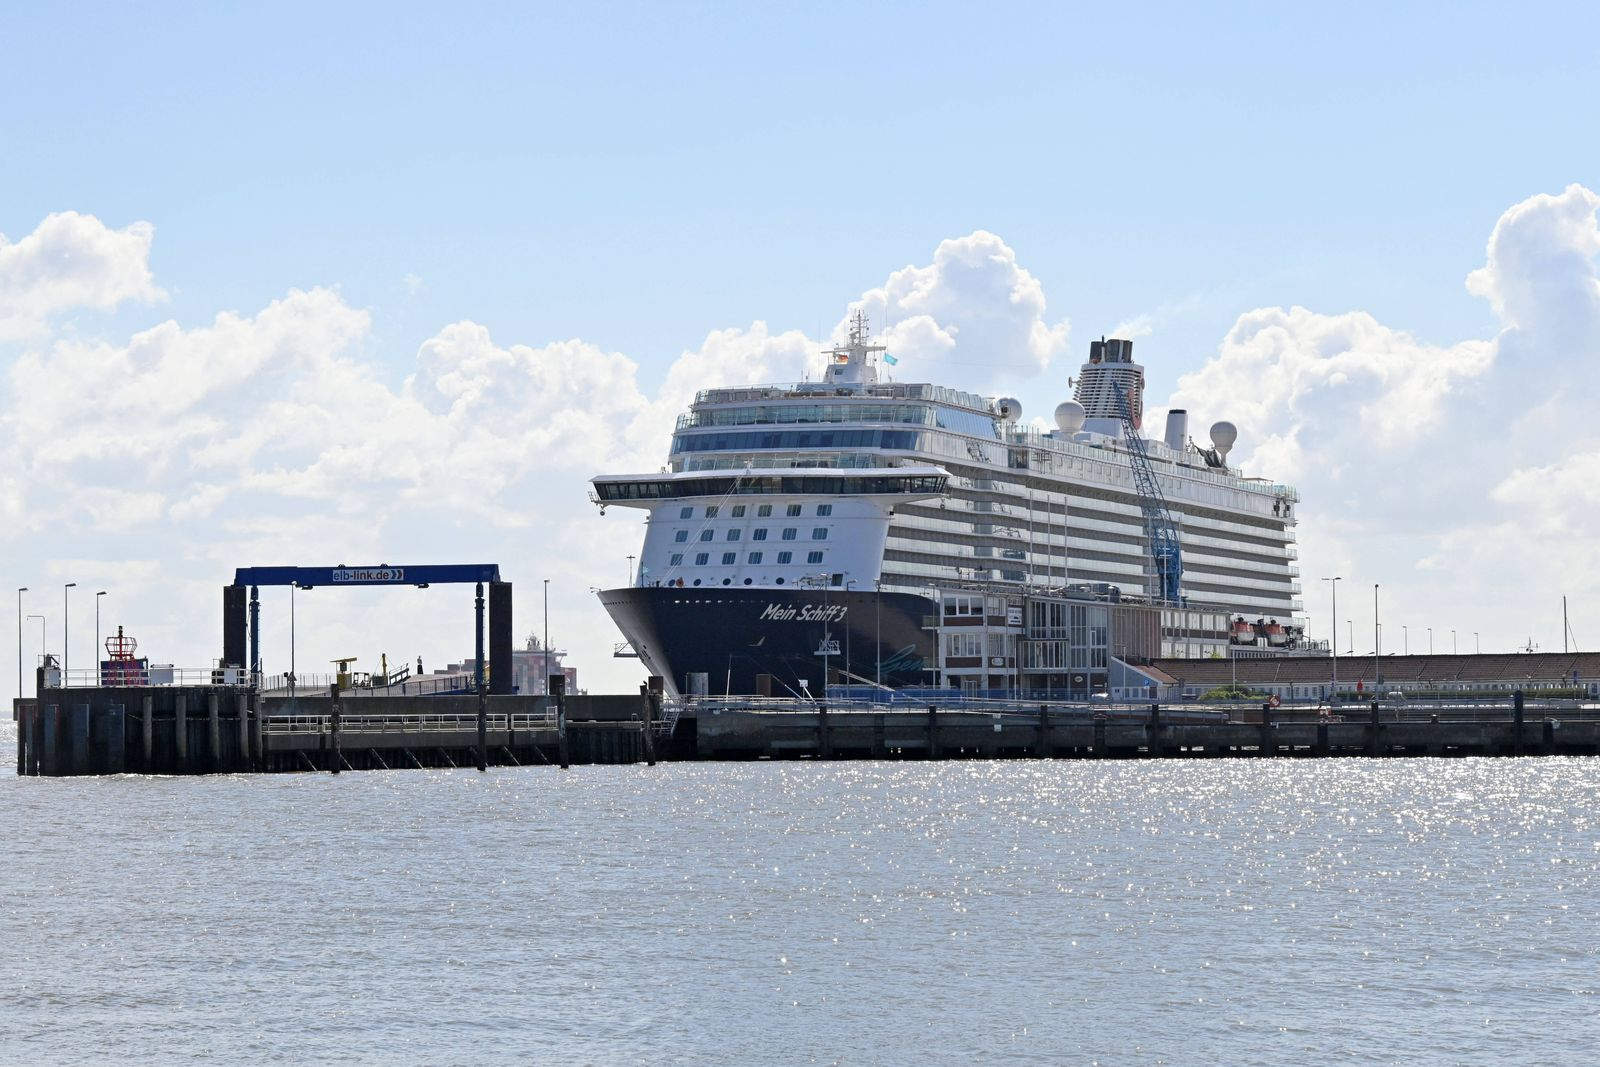 Cuxhaven, der 05.05.2020 Die 2.900 Mitglieder starke Crew der Mein Schiff 3 harrt seit mehr als vier Wochen auf dem Kreu